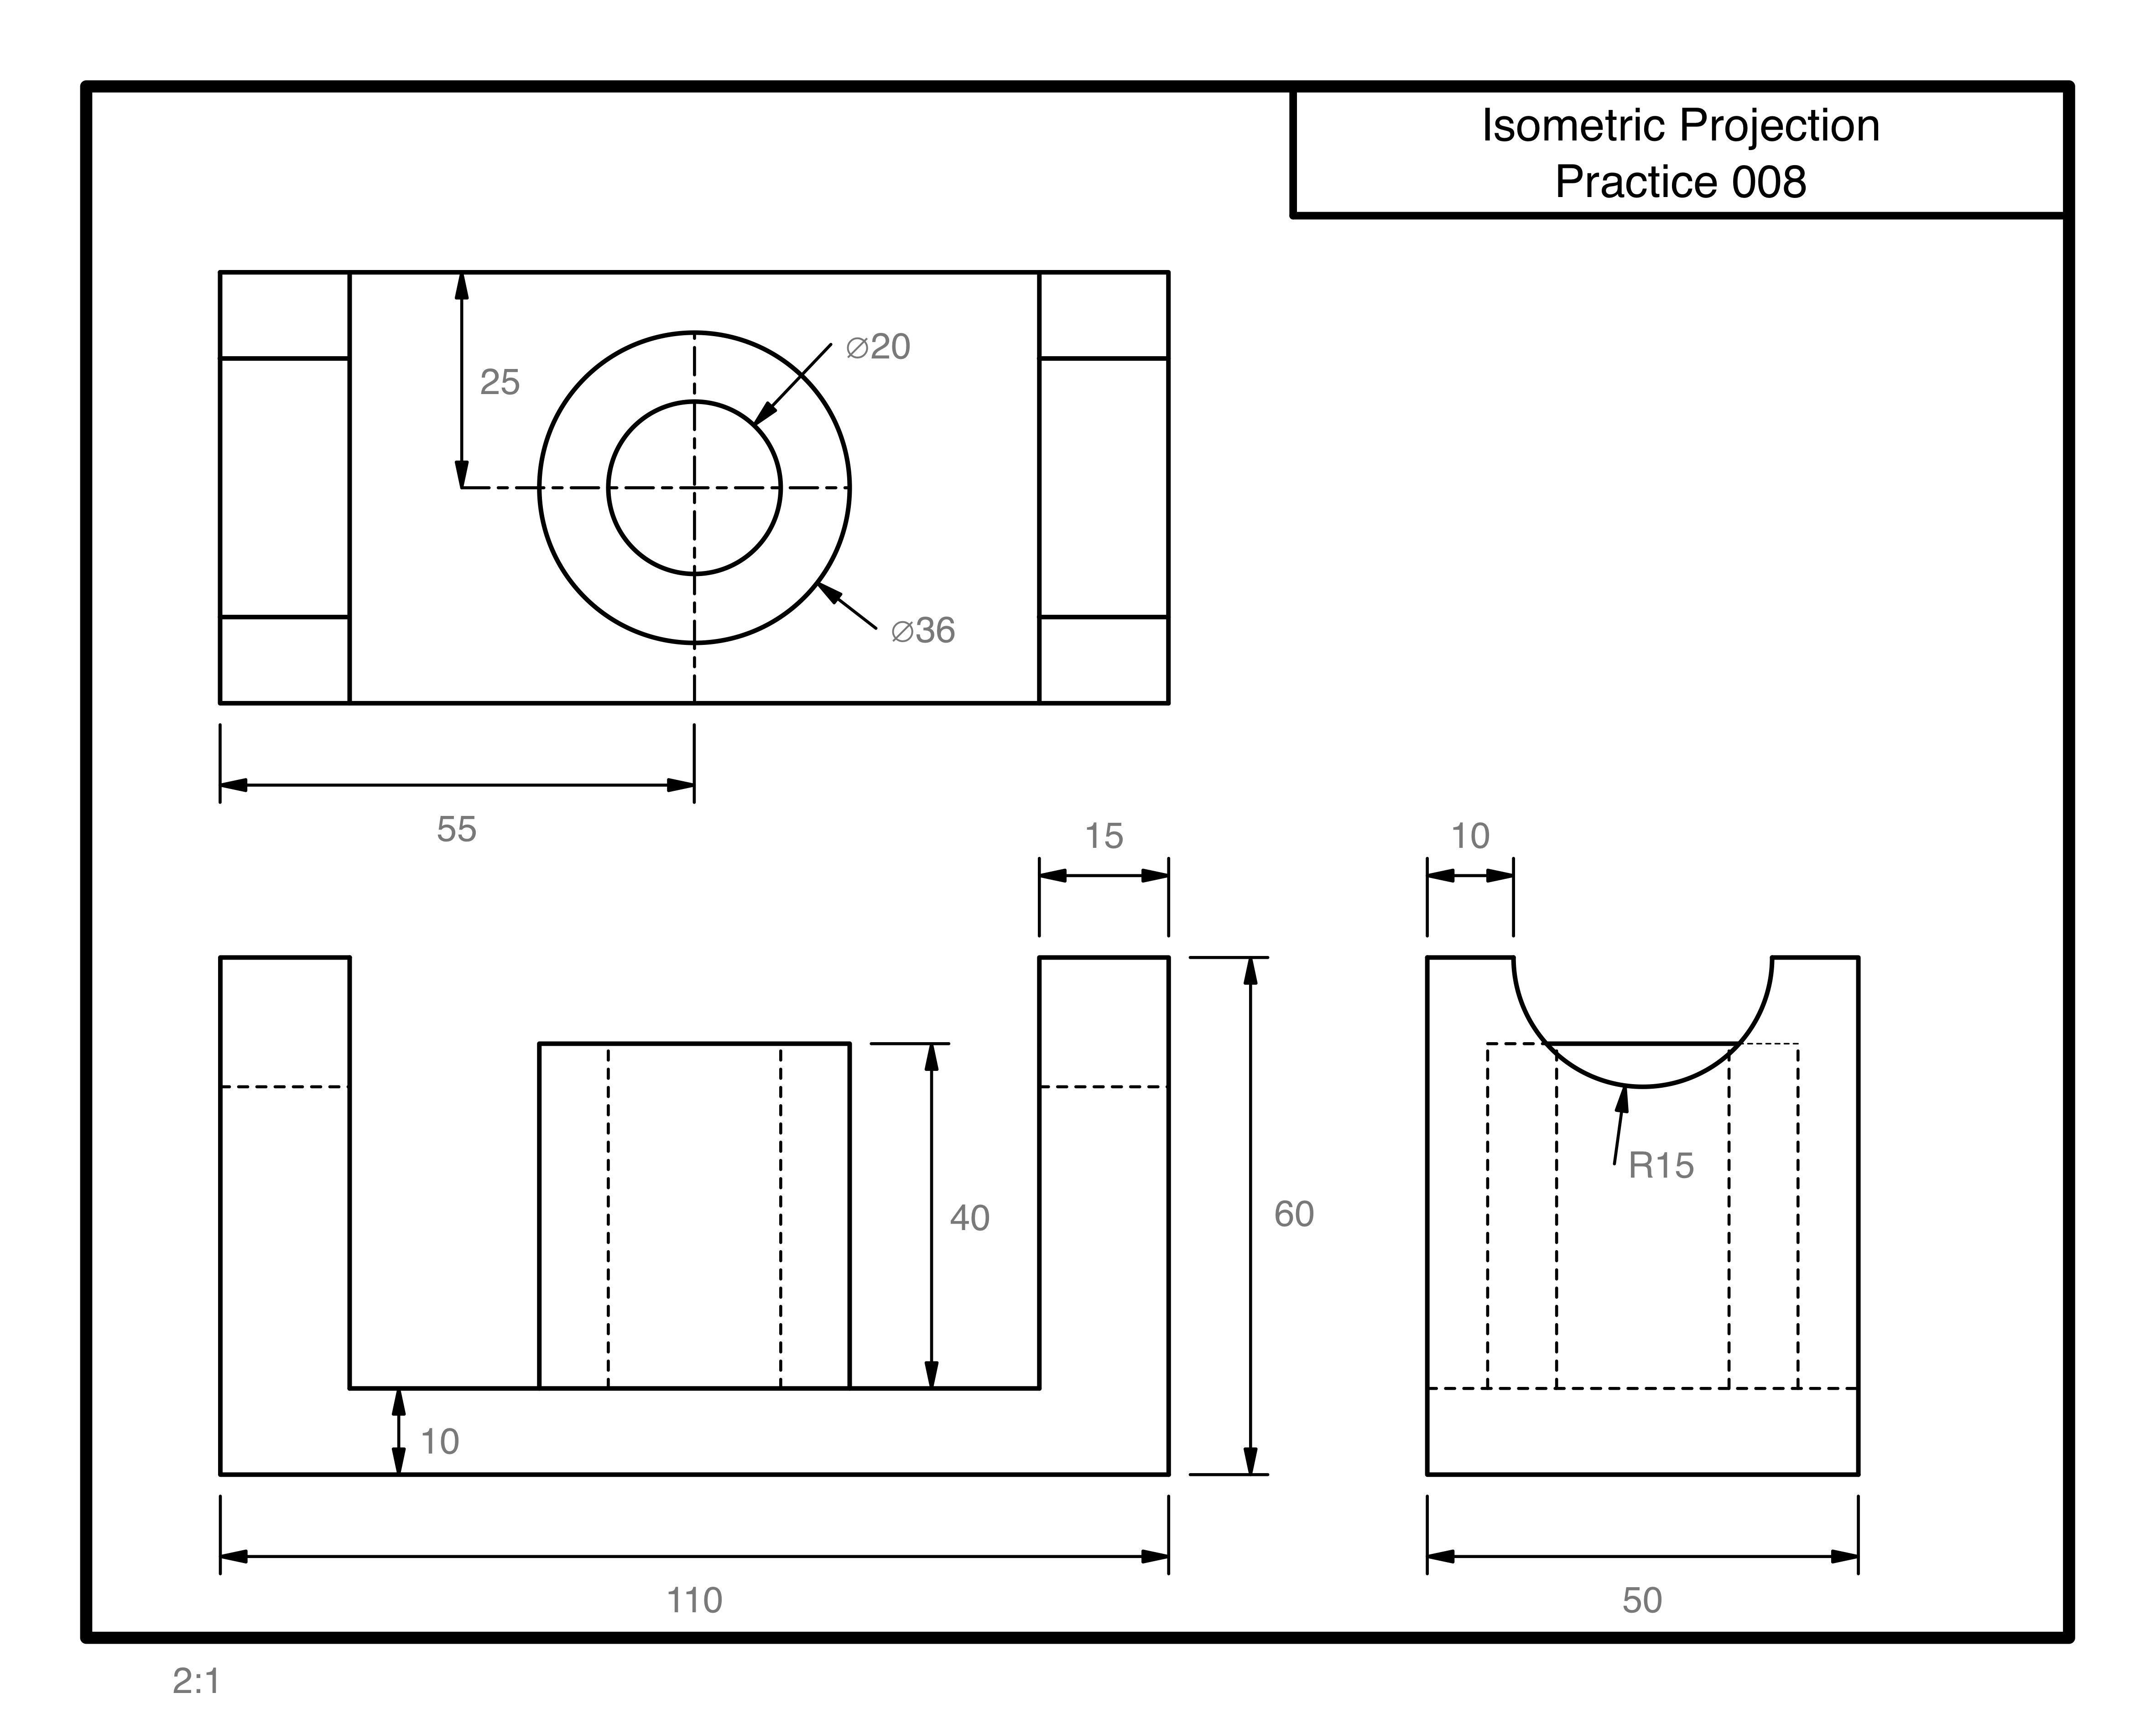 Pin By James Stewart On 2d Metric Engineering Drawings